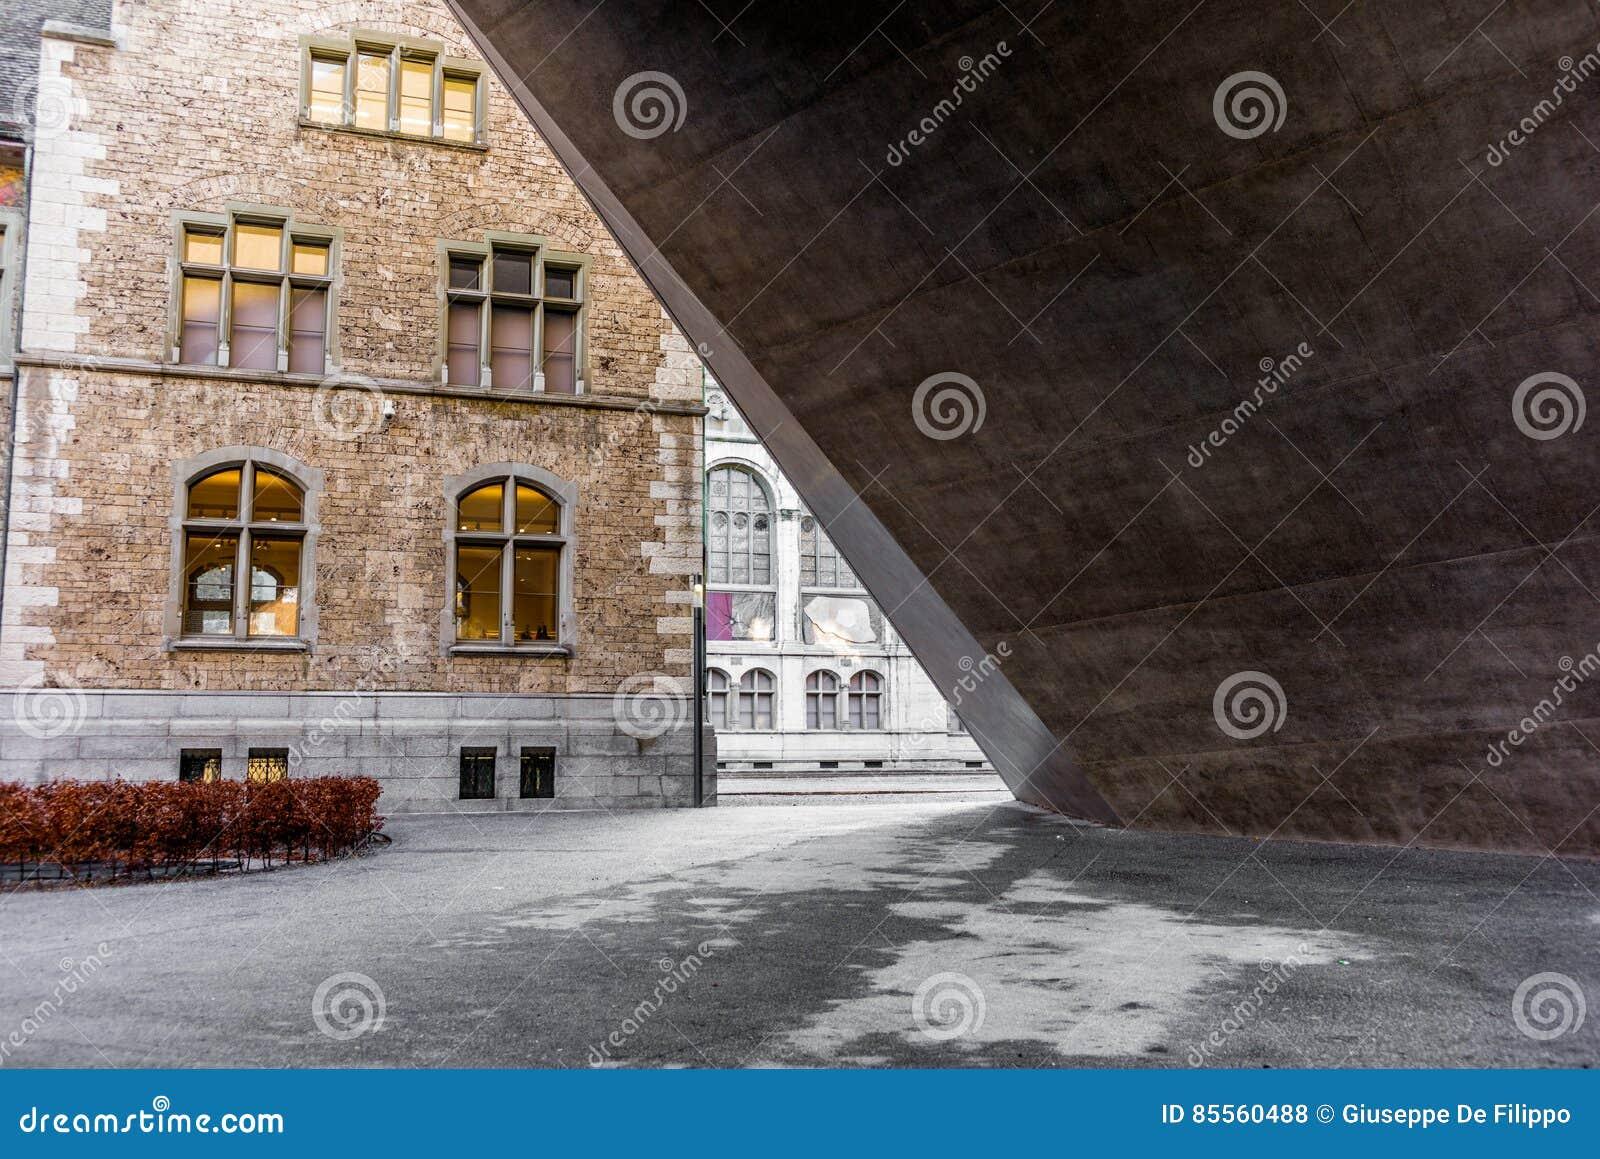 Architekturdetail des Landesmuseum in Zürich - 2